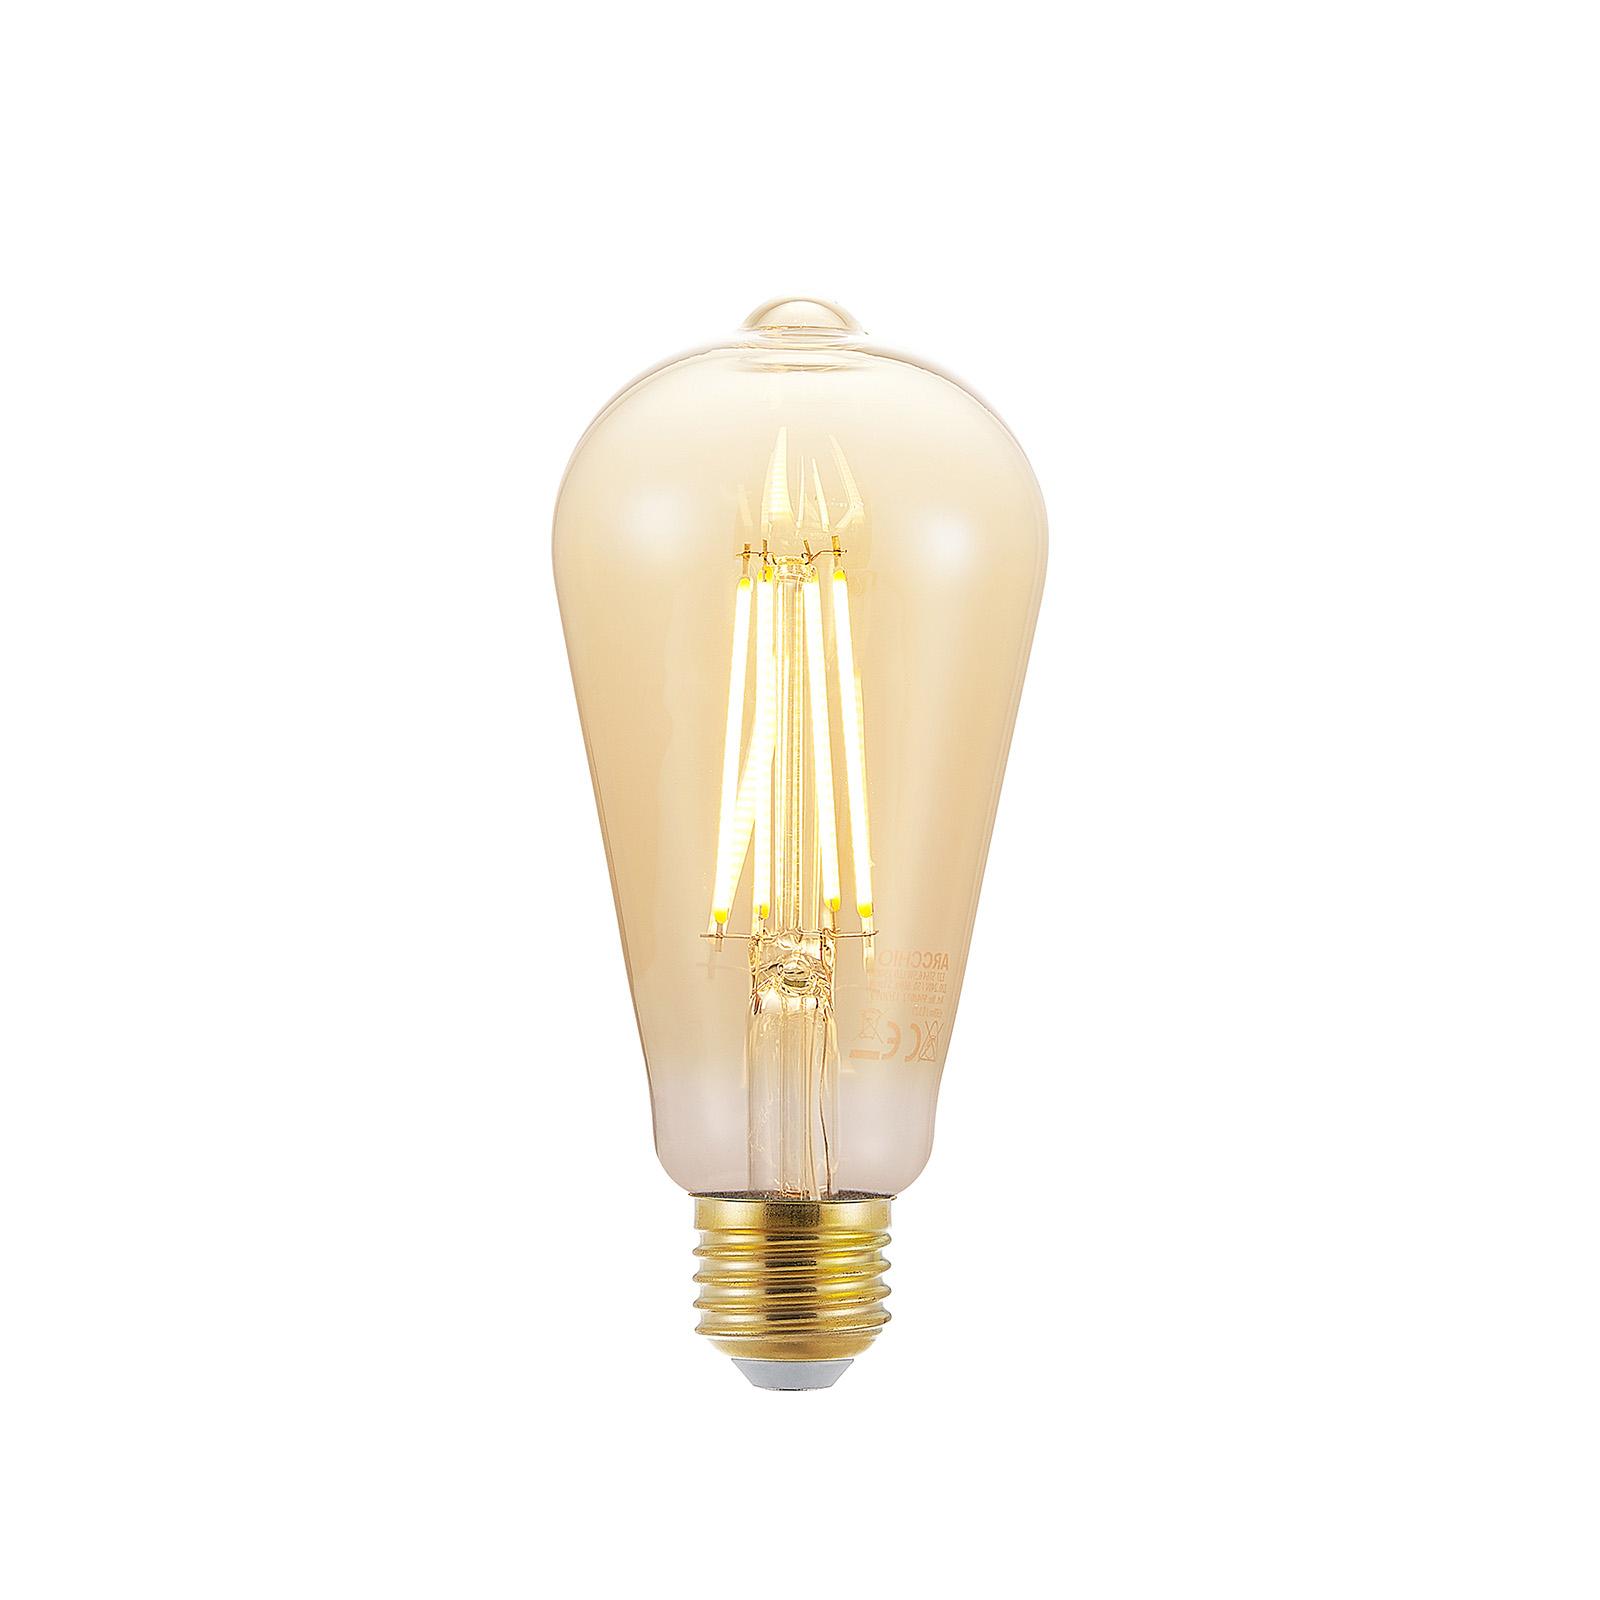 LED lamp E27 ST64 6,5W 2.500K amber 3-step-dimmer